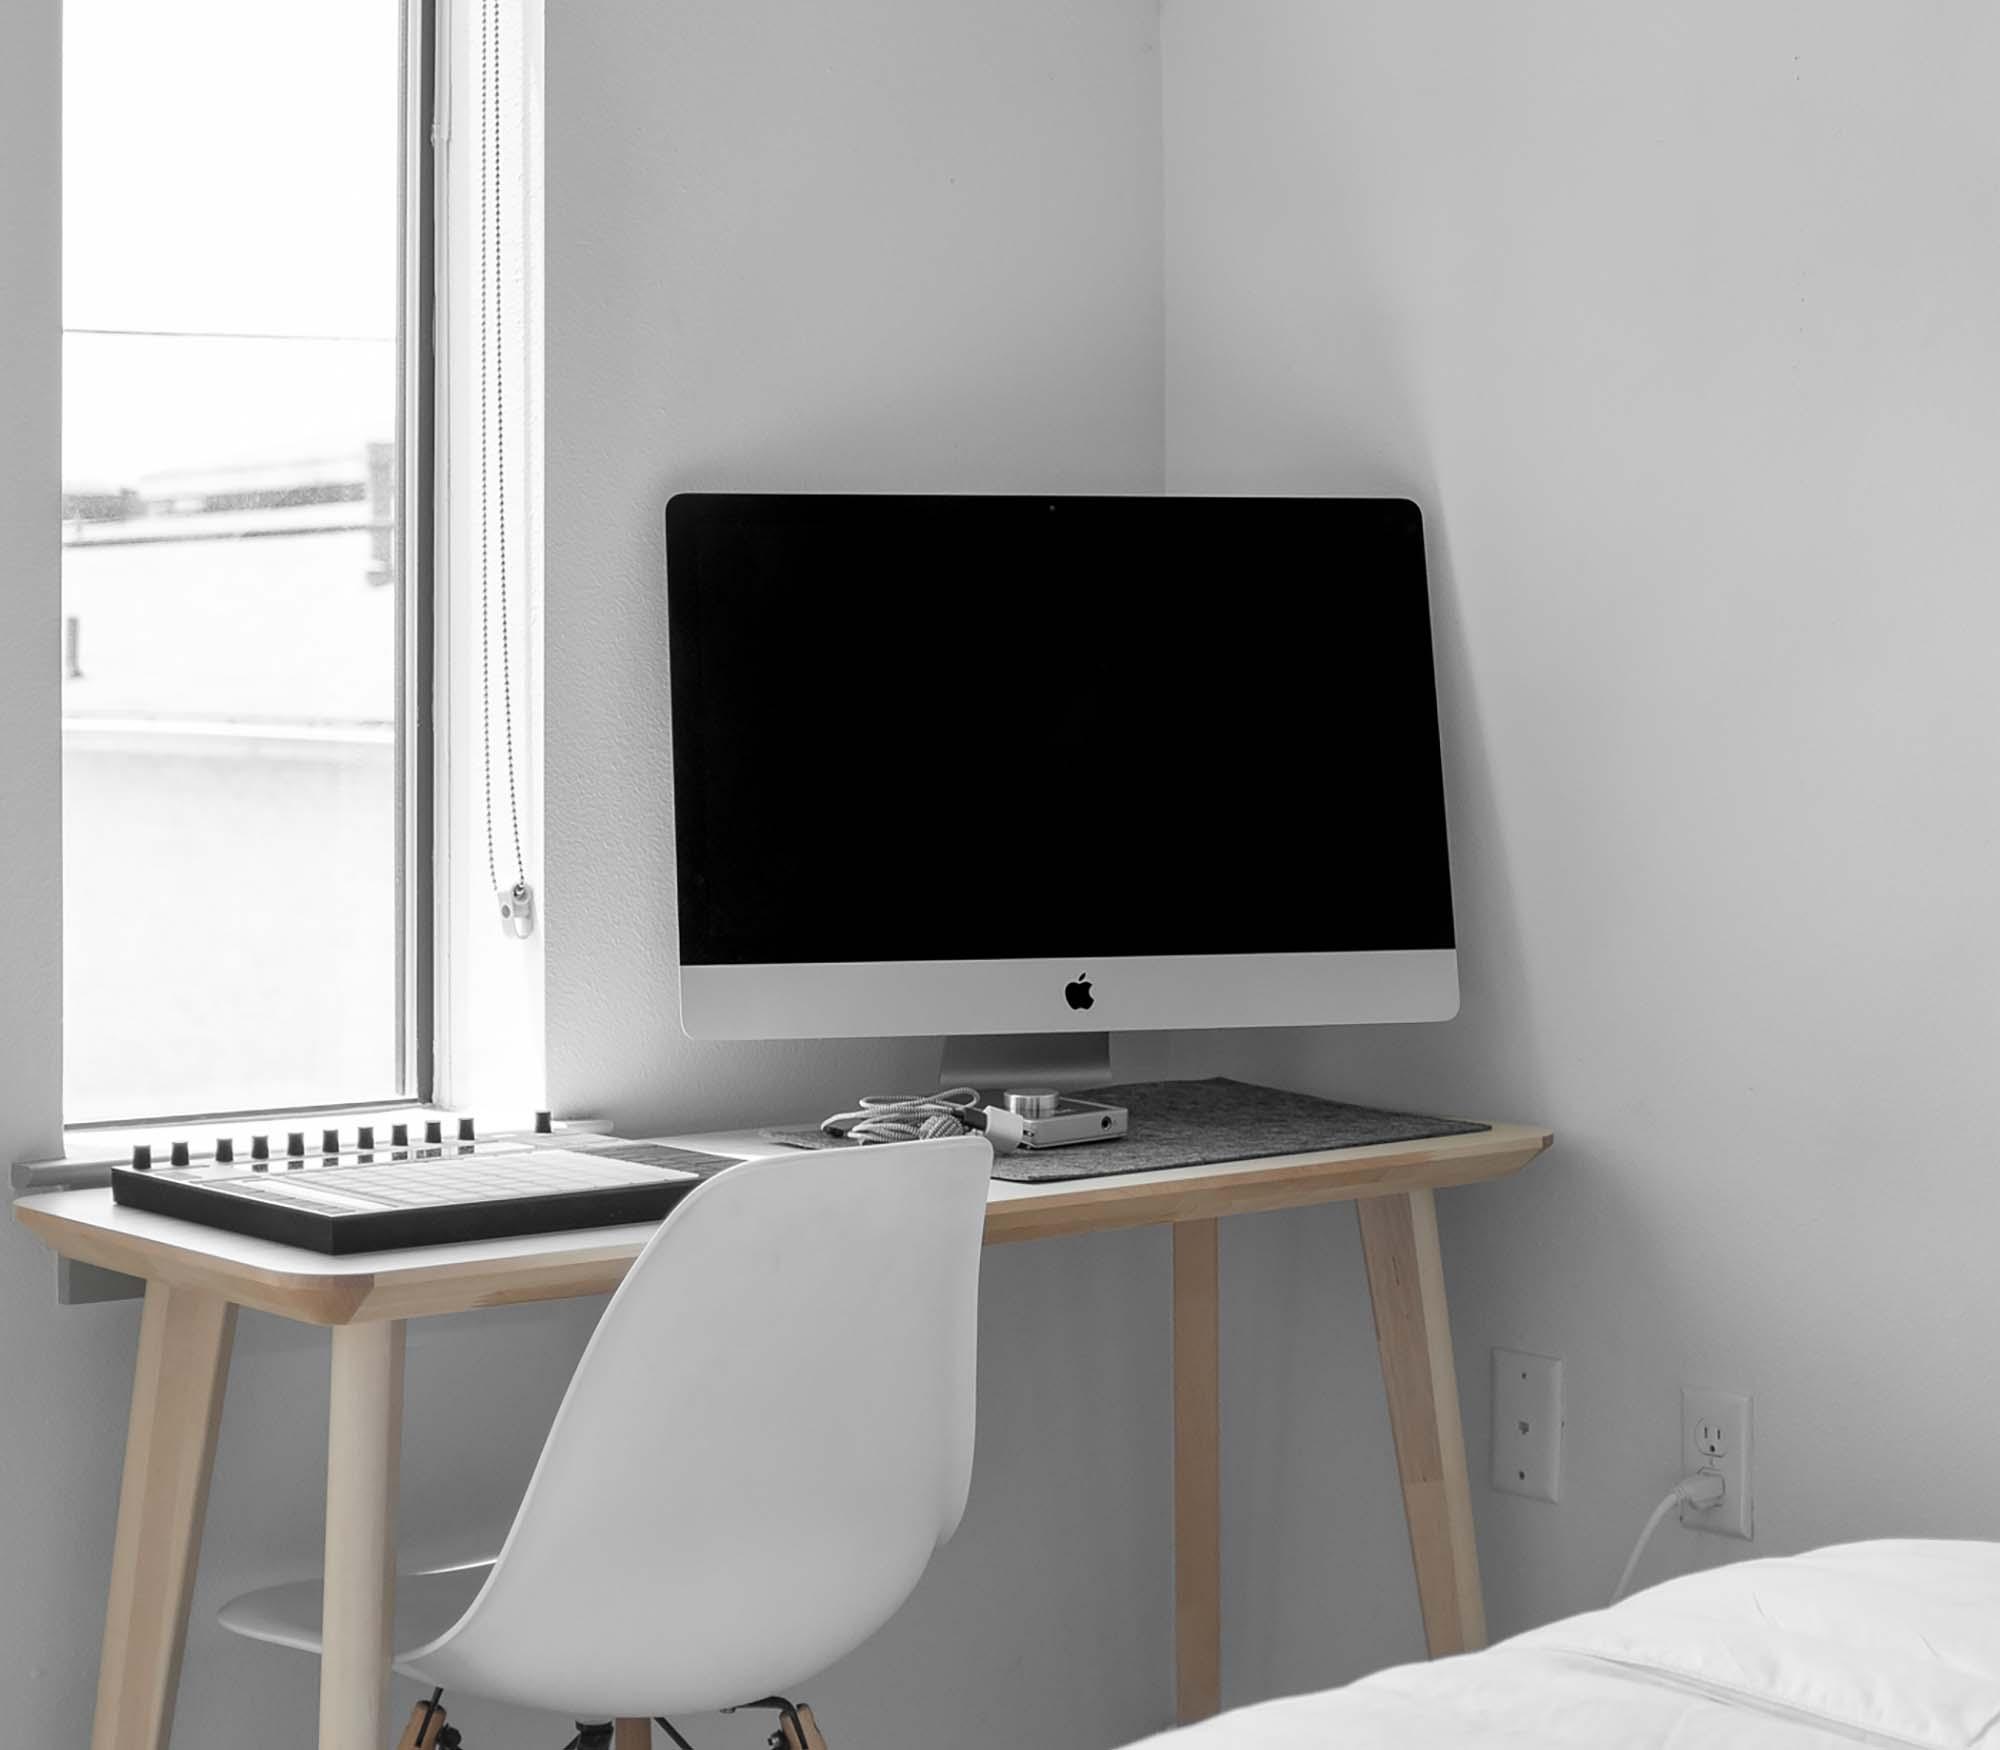 iMac in Room Mockup 2